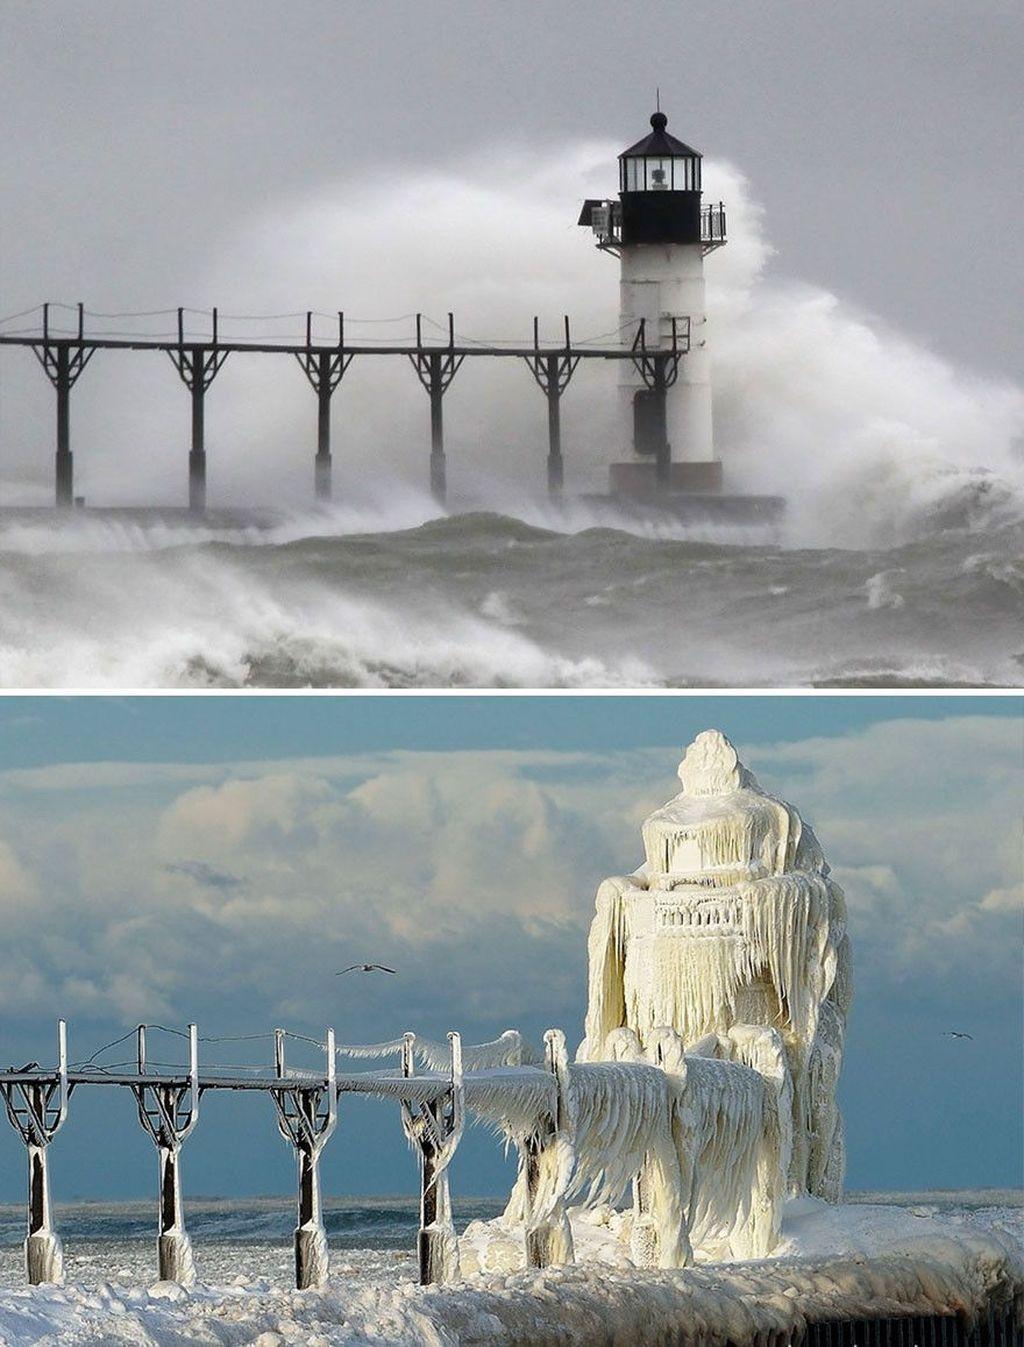 Mercusuar St. Josephterletak di Michigan, Amerika Serikattetap kokoh meski dihantam badai dan salju. (Foto: Boredpanda)